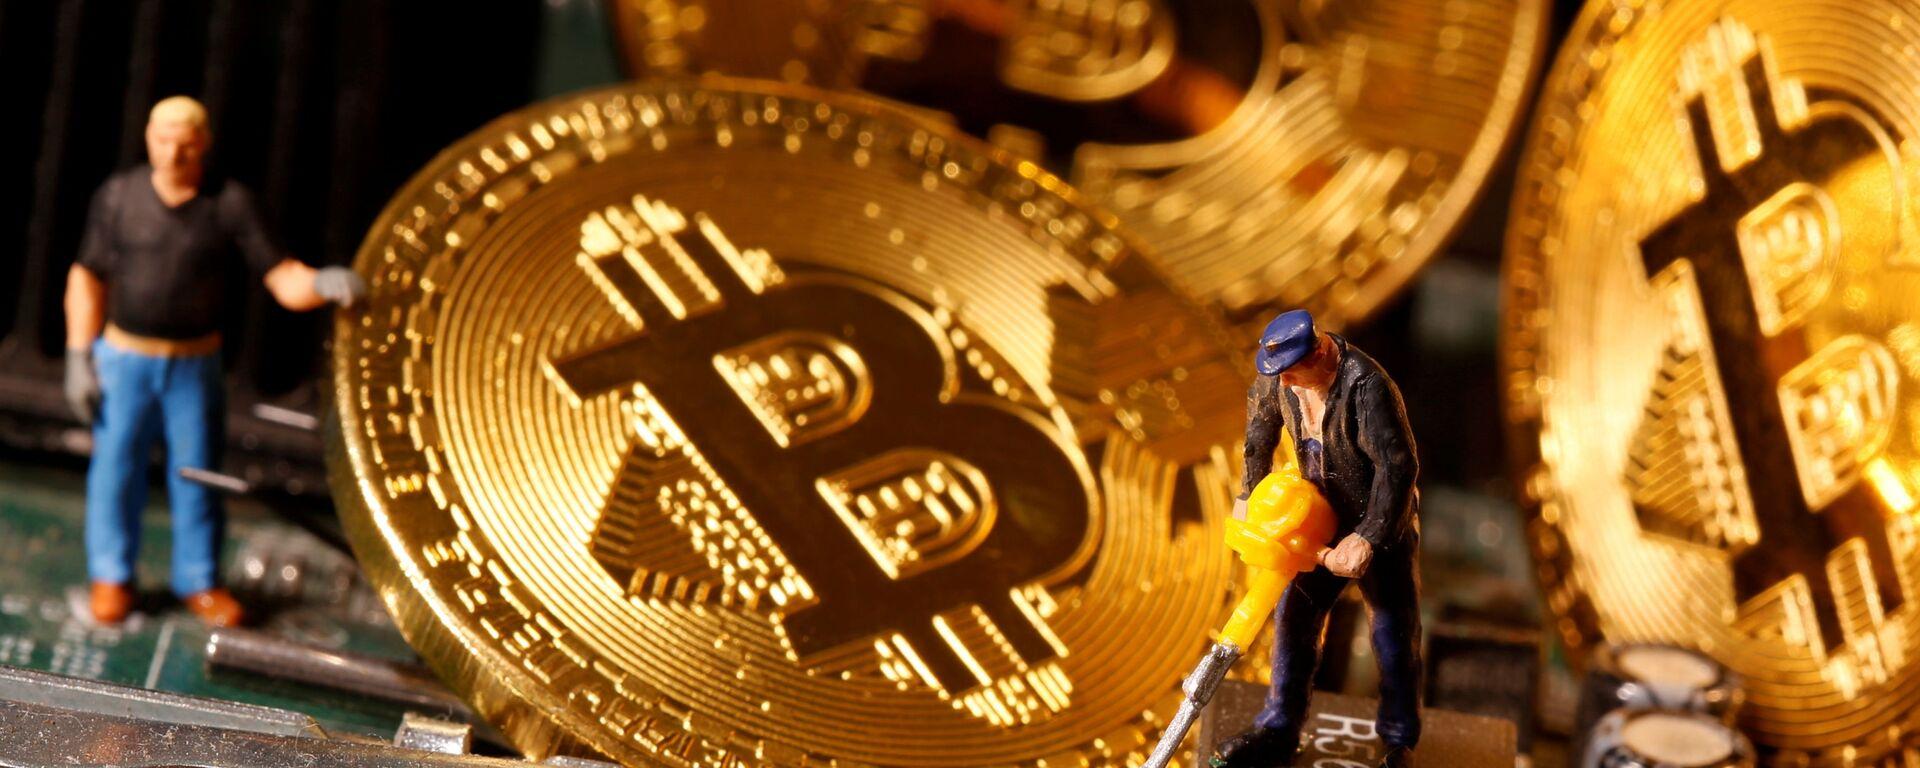 Una representación de bitcoines - Sputnik Mundo, 1920, 27.08.2021